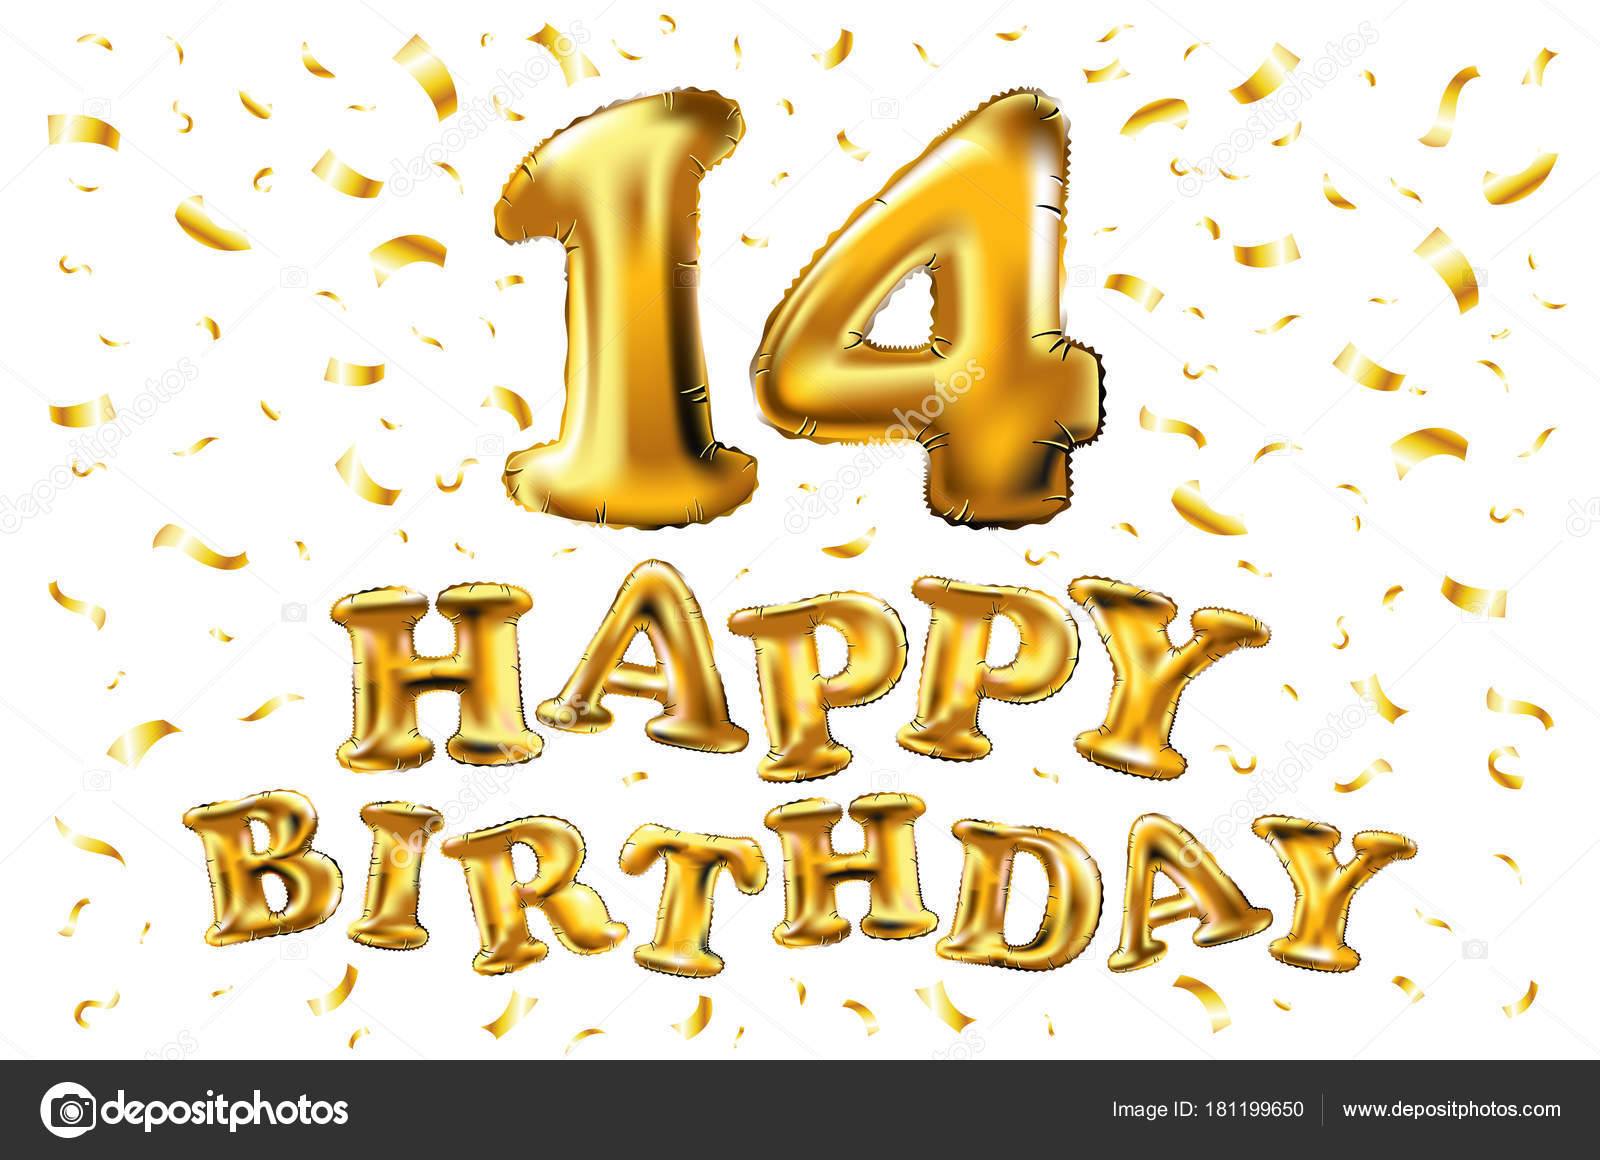 14 jaar verjaardag vector 14 jaar verjaardag, gelukkige verjaardag vreugde viering  14 jaar verjaardag